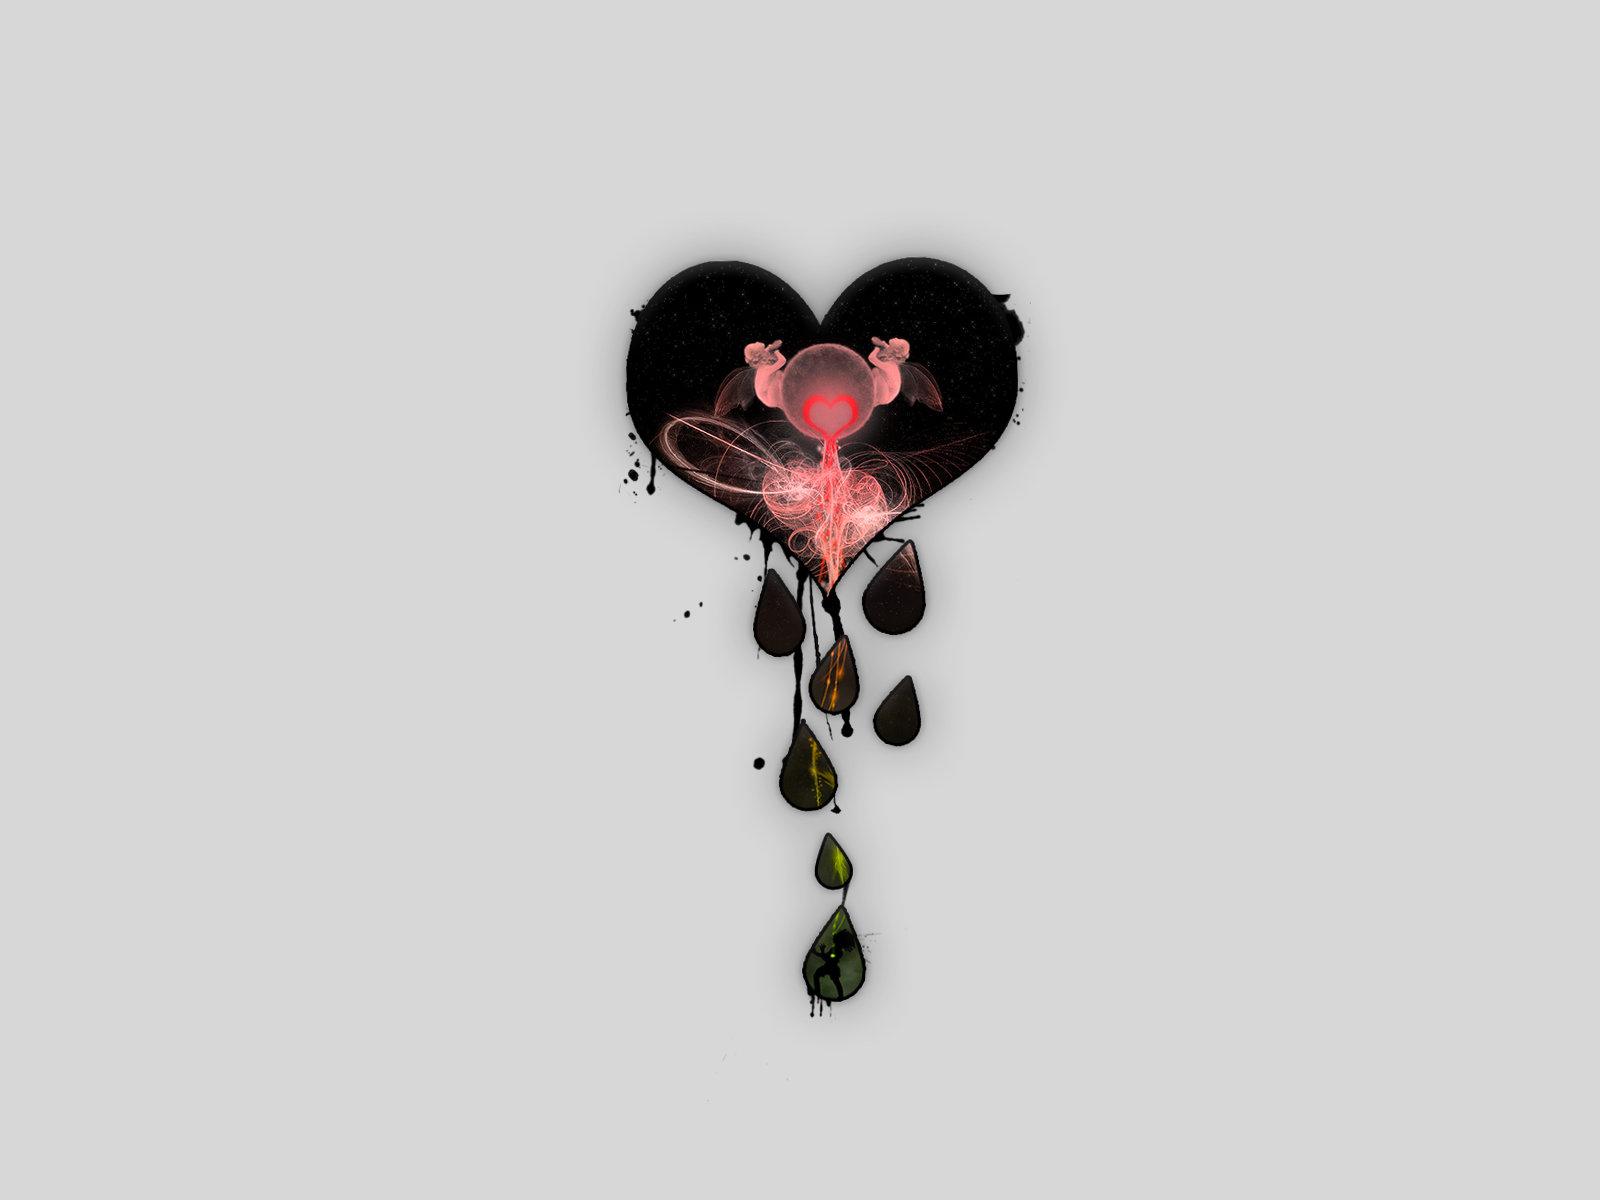 сердце арт  № 3009905 без смс